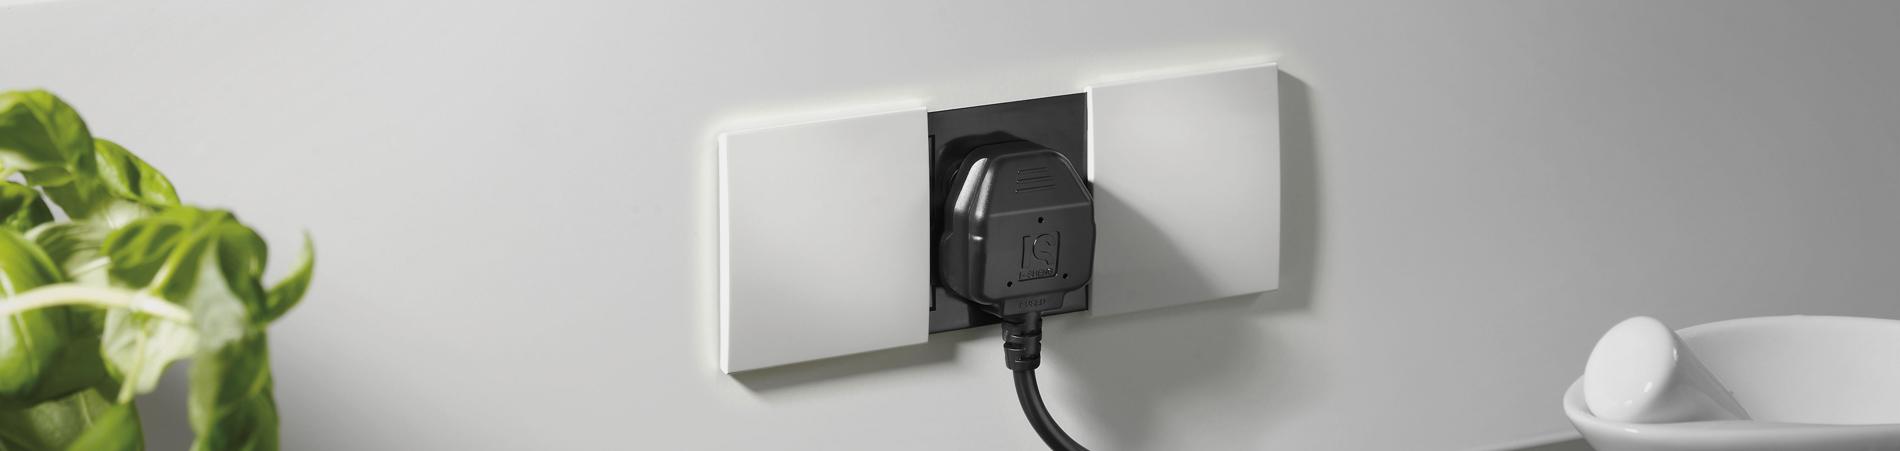 Conexiones y electricidad